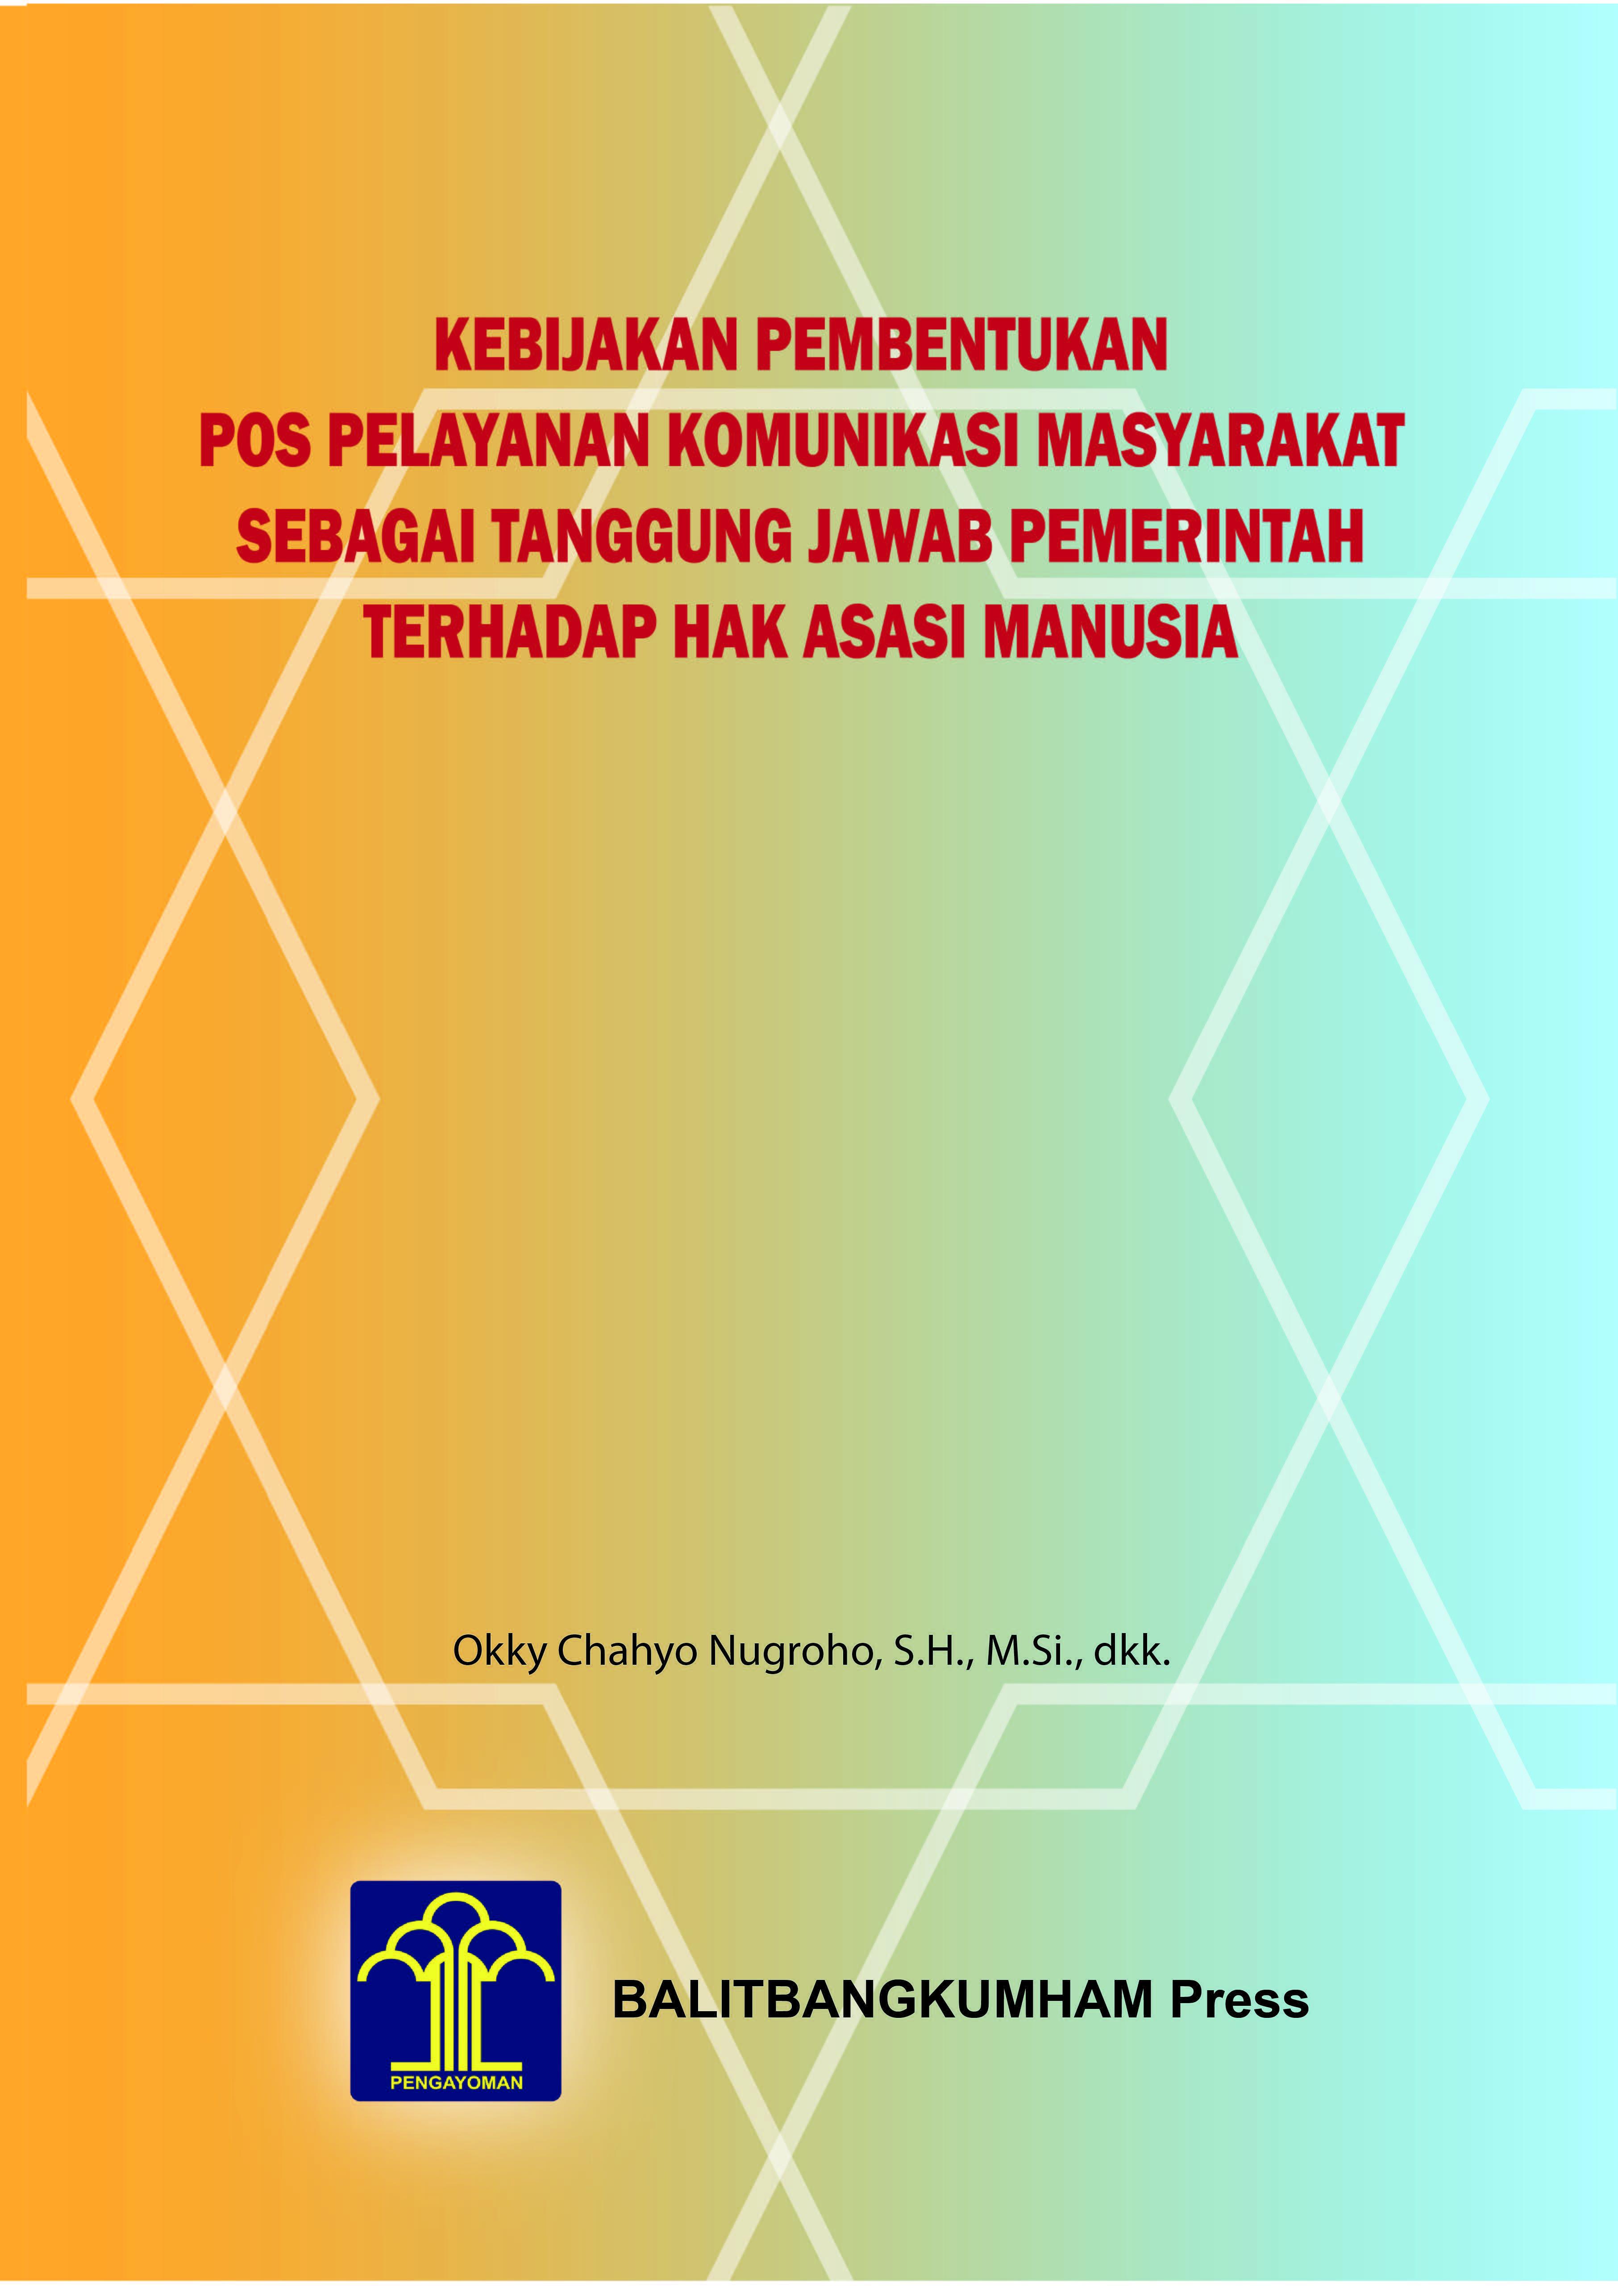 Kebijakan Pembentukan Pos Pelayanan Komunikasi Masyarakat Sebagai Tanggung Jawab Pemerintah Terhadap Hak Asasi Manusia